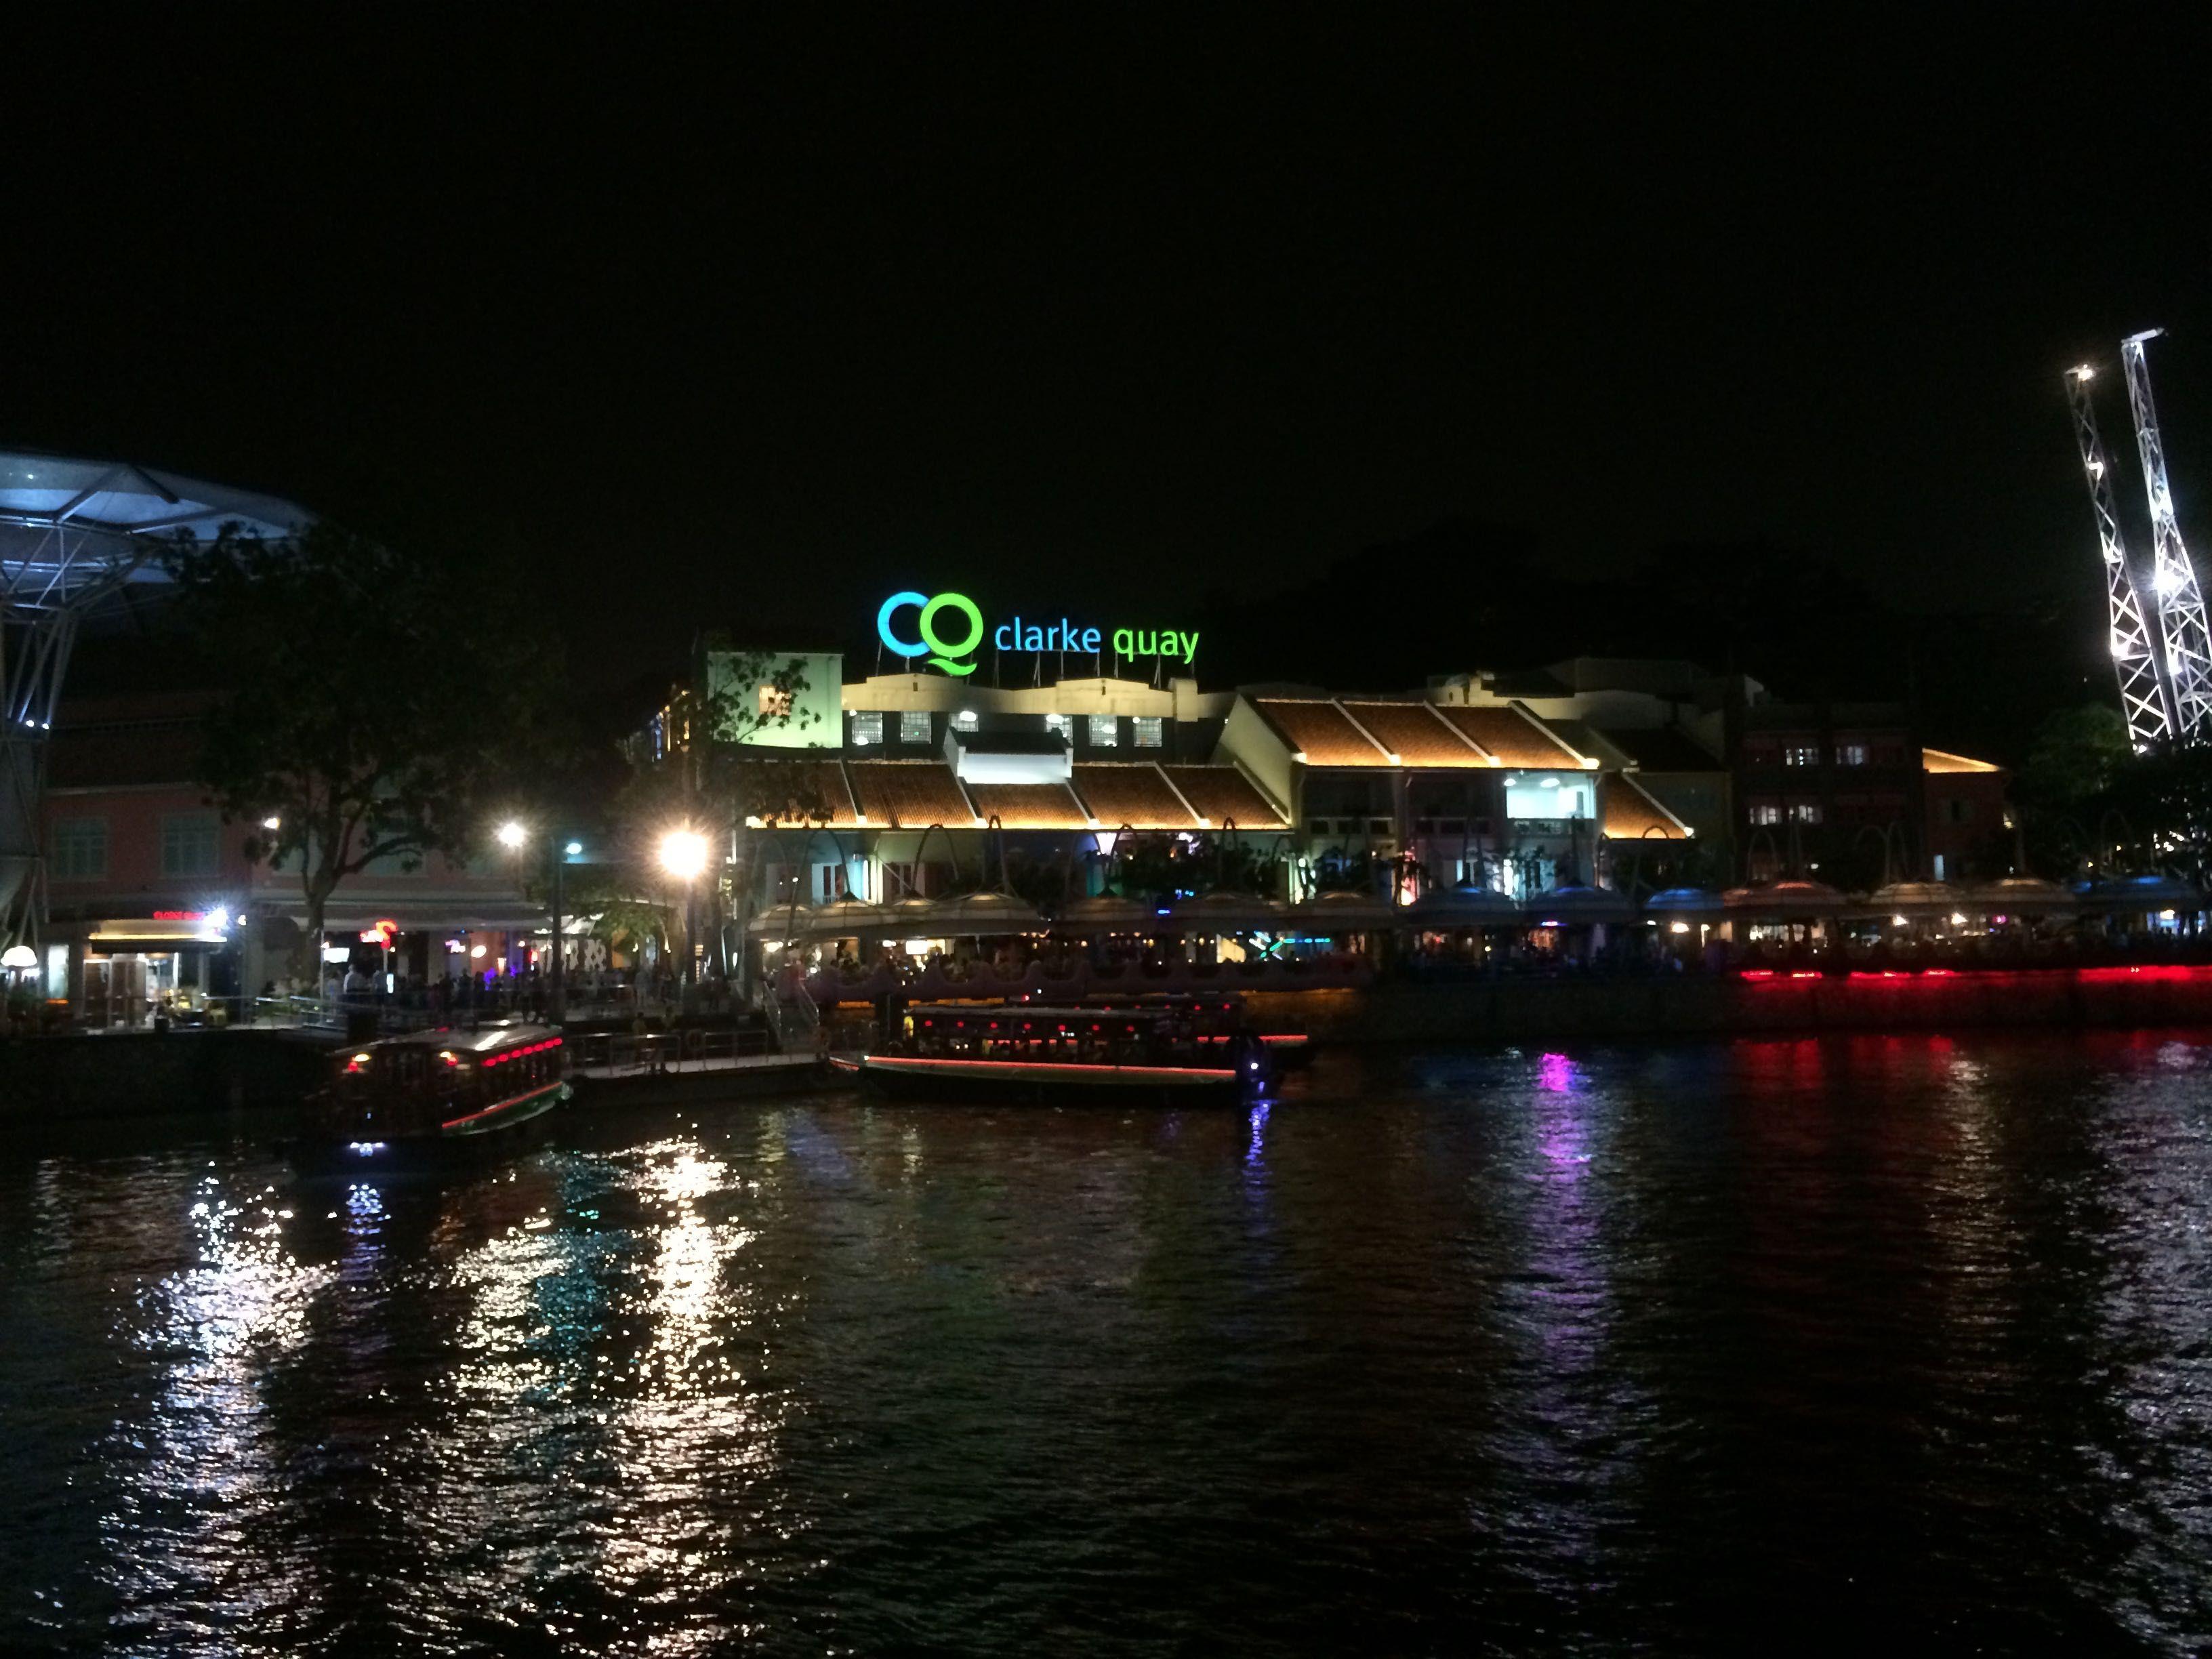 Clarke Quays